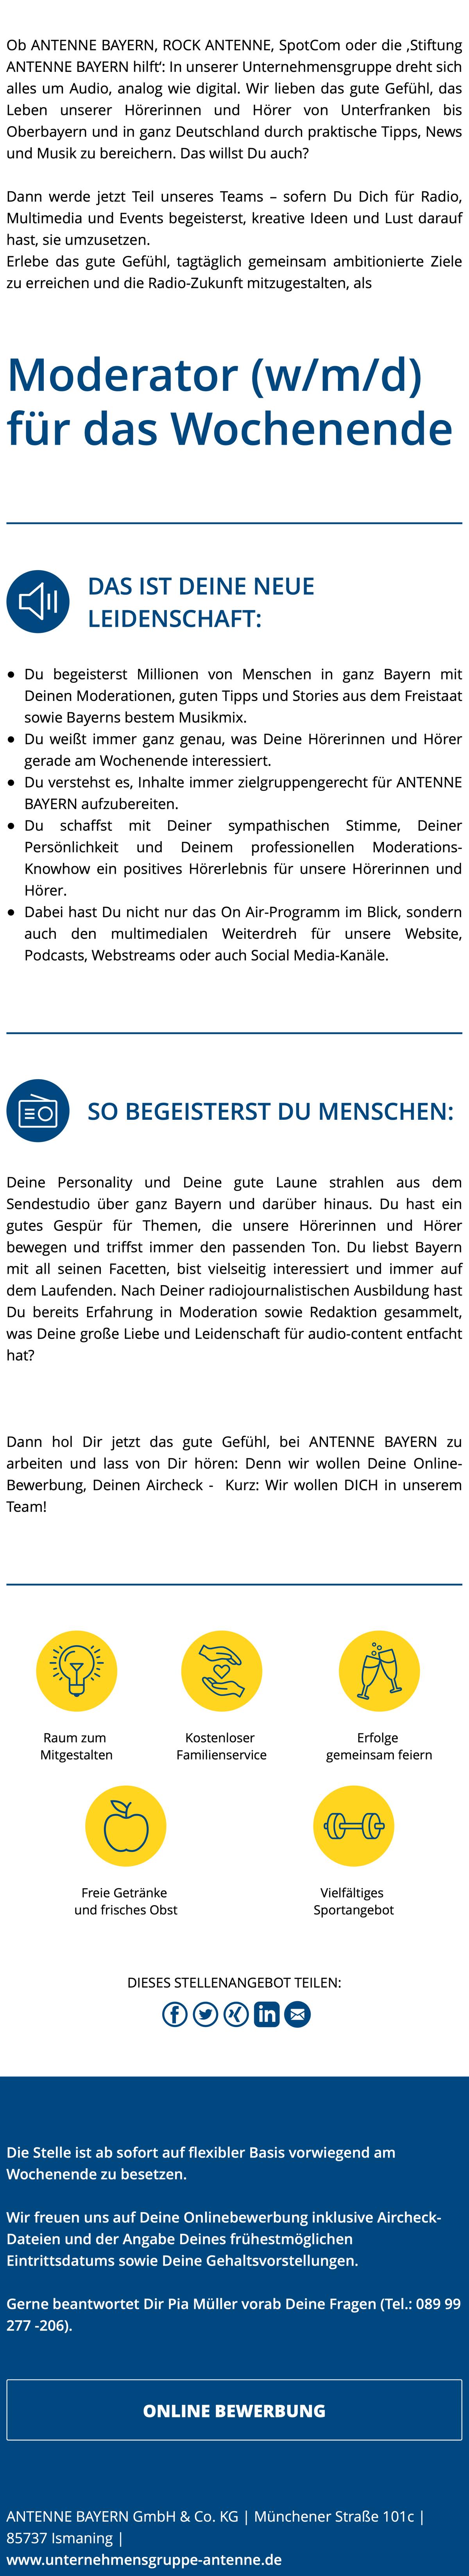 ANTENNE BAYERN sucht Moderator (w/m/d) für das Wochenende